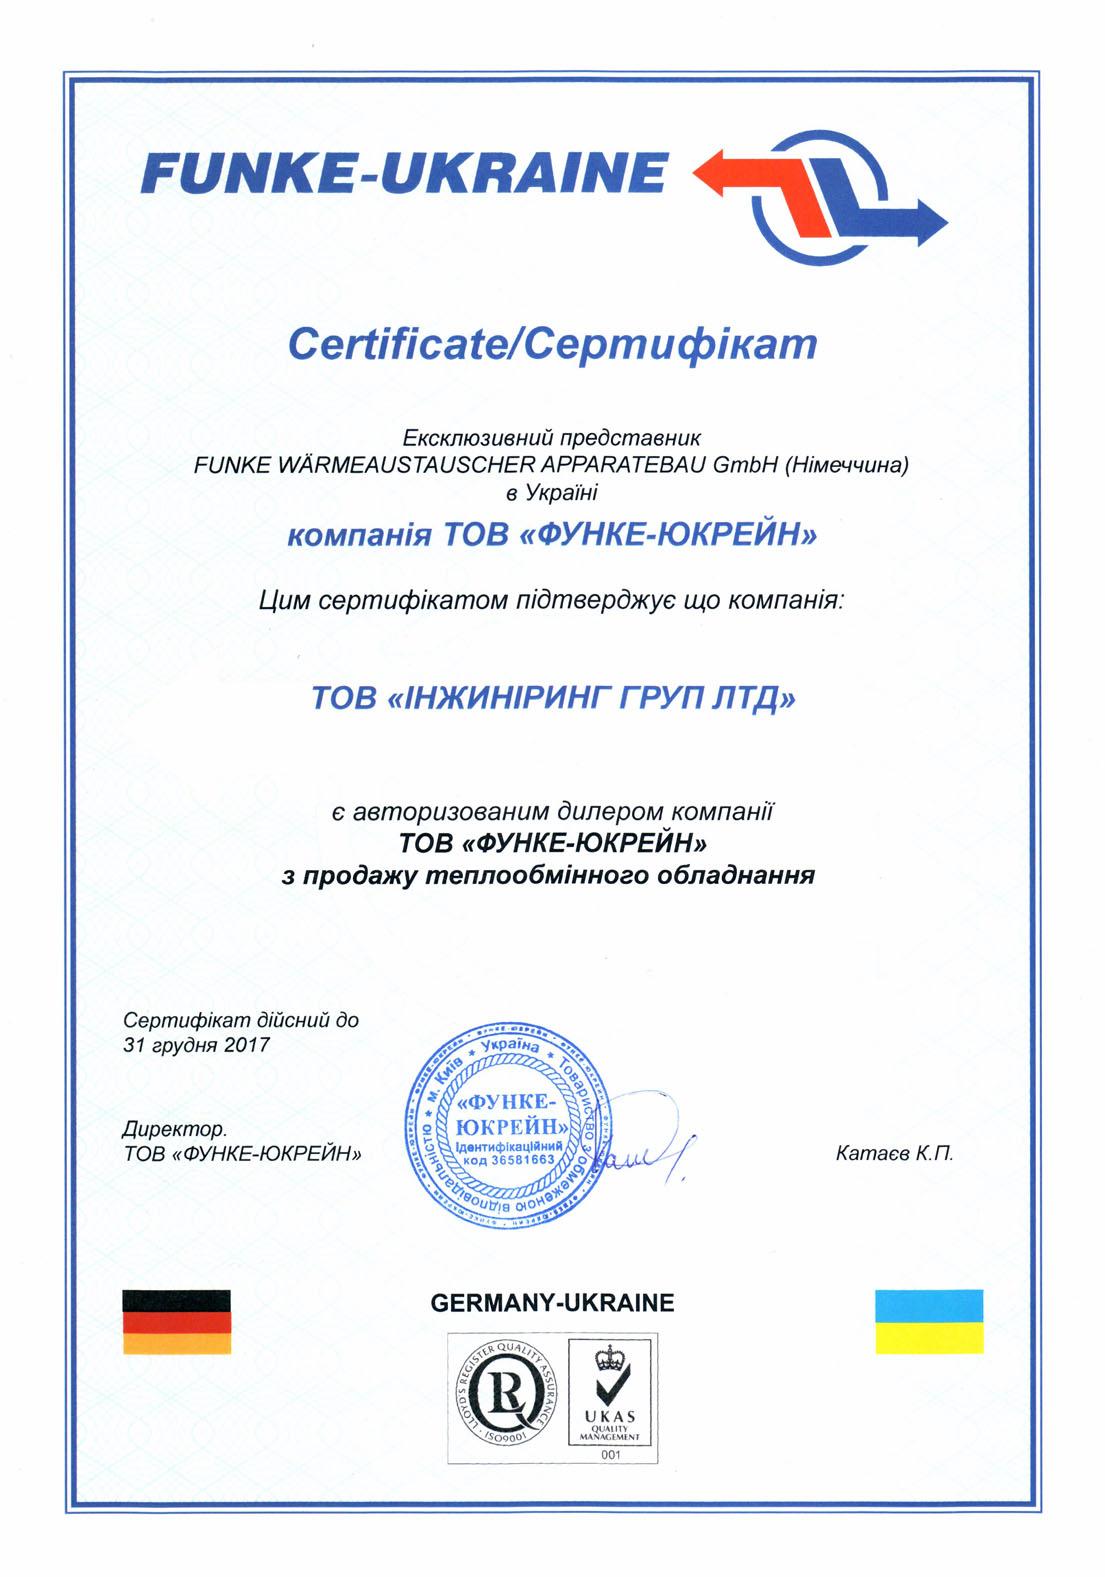 Сертификат партнера FUNKE